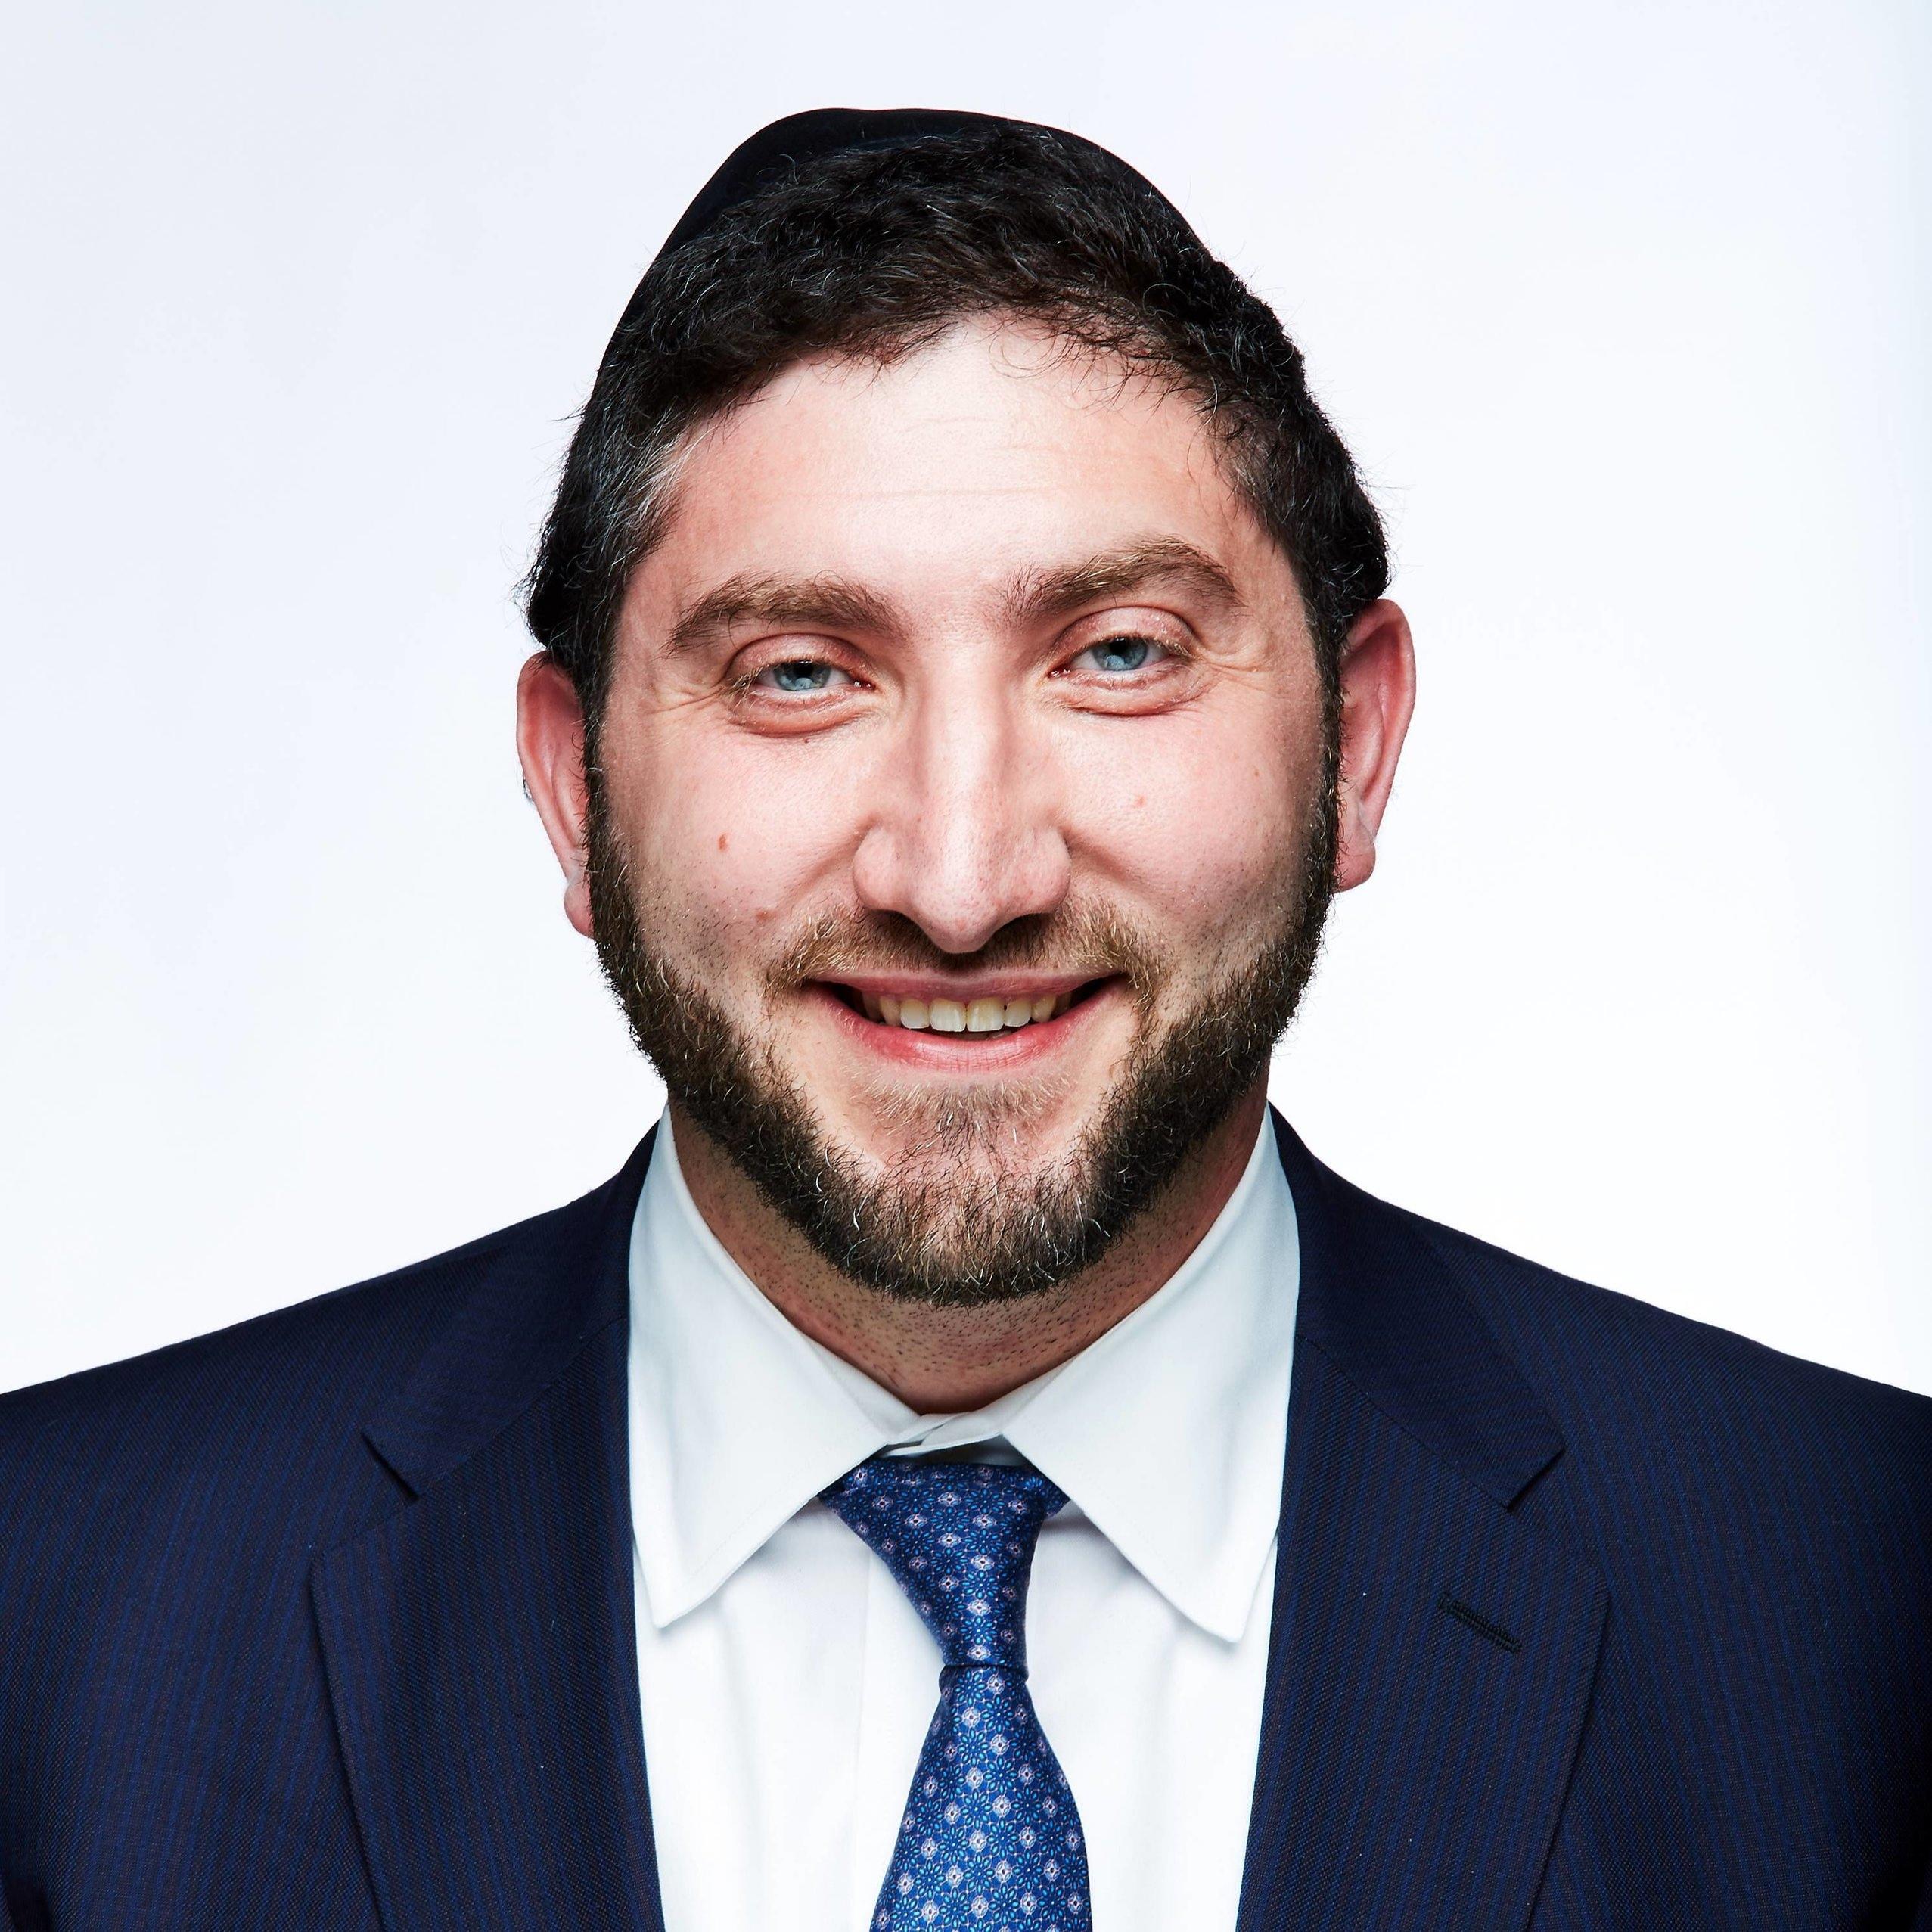 Yehuda Gelman Highway of Hope Founder- rare disease clinical trial